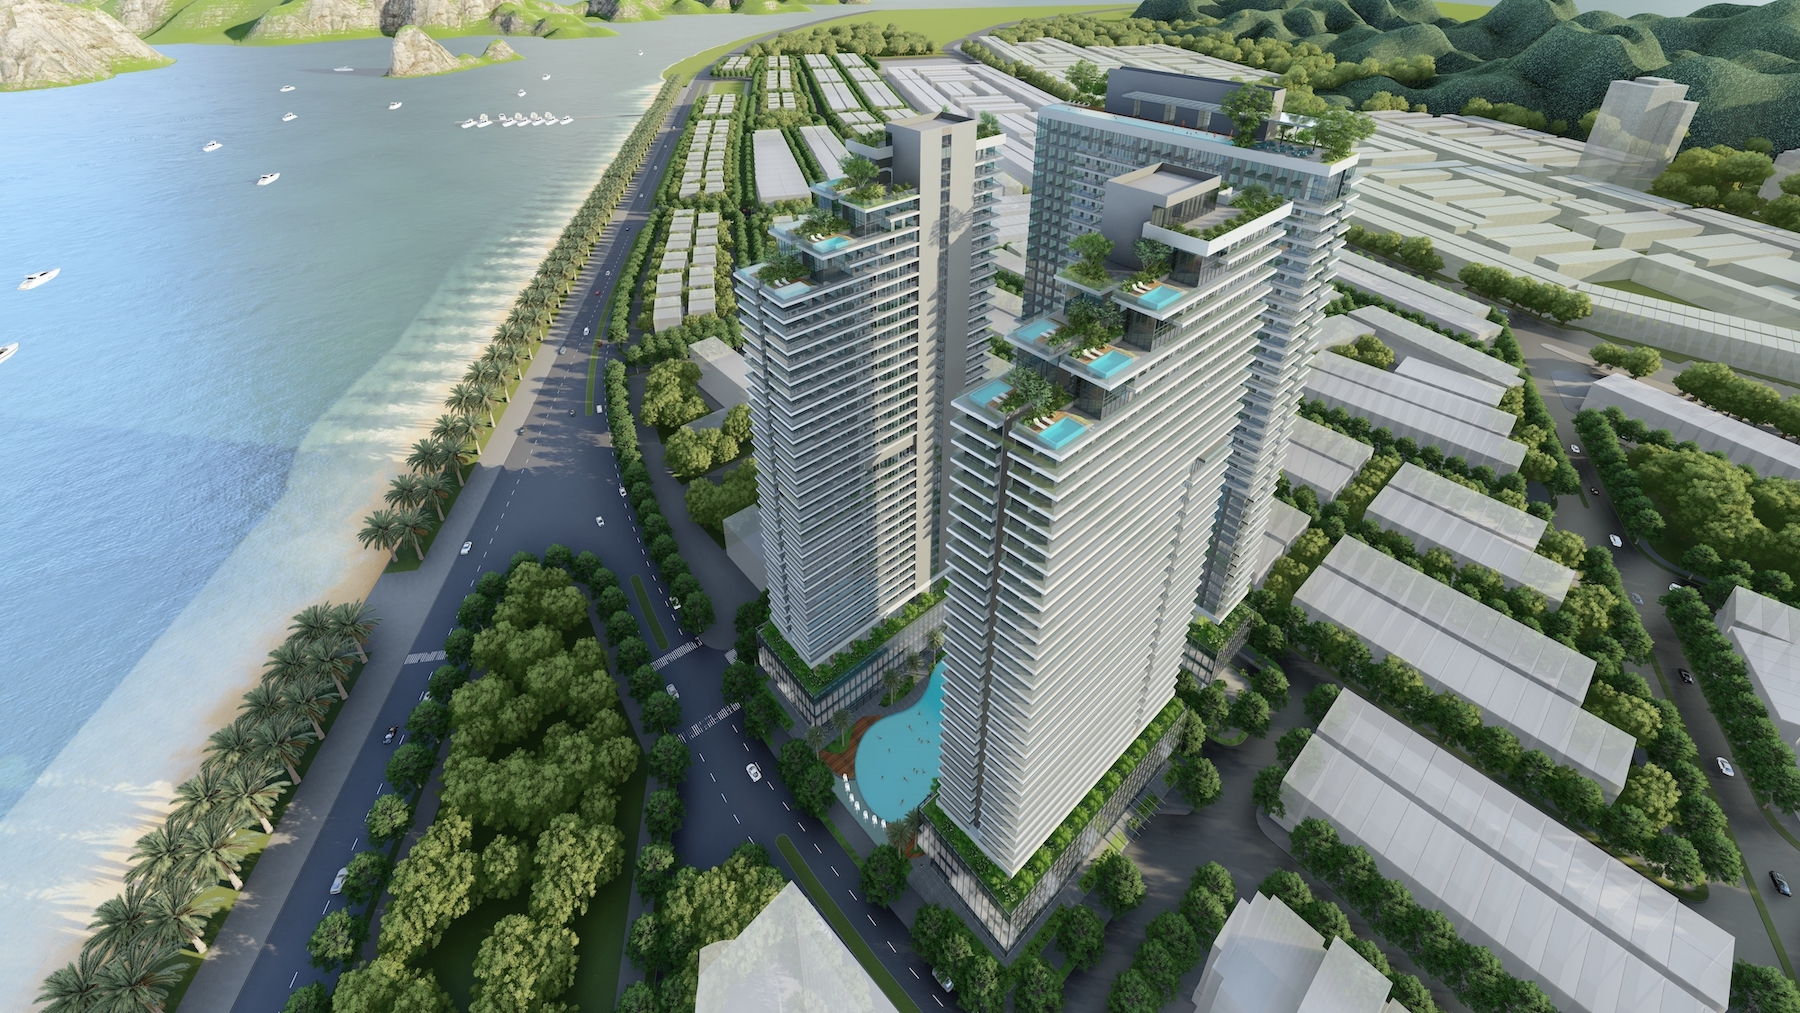 Dự án 2.500 tỉ của Long Giang Land tại Hạ Long được duyệt qui hoạch - Ảnh 1.